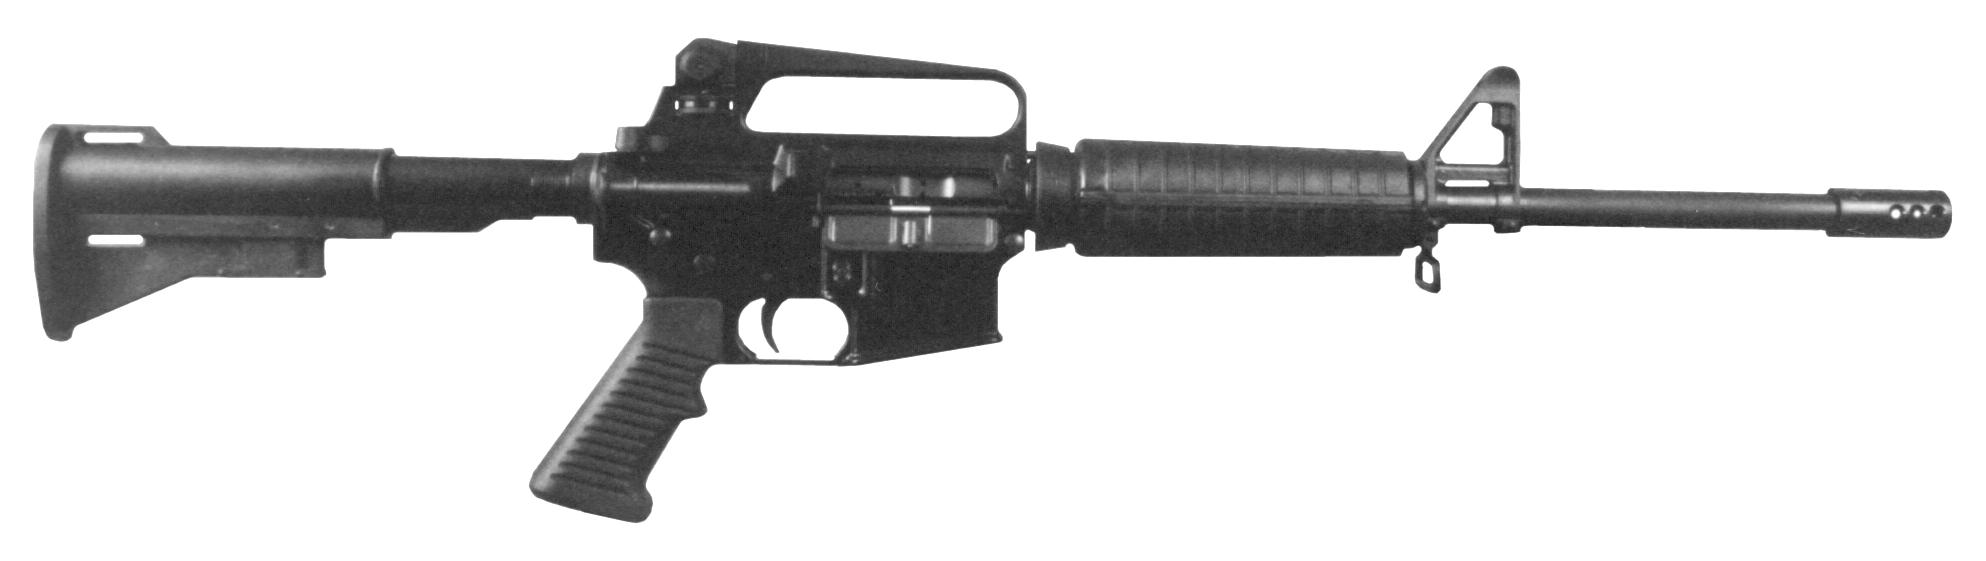 Model CAR-97